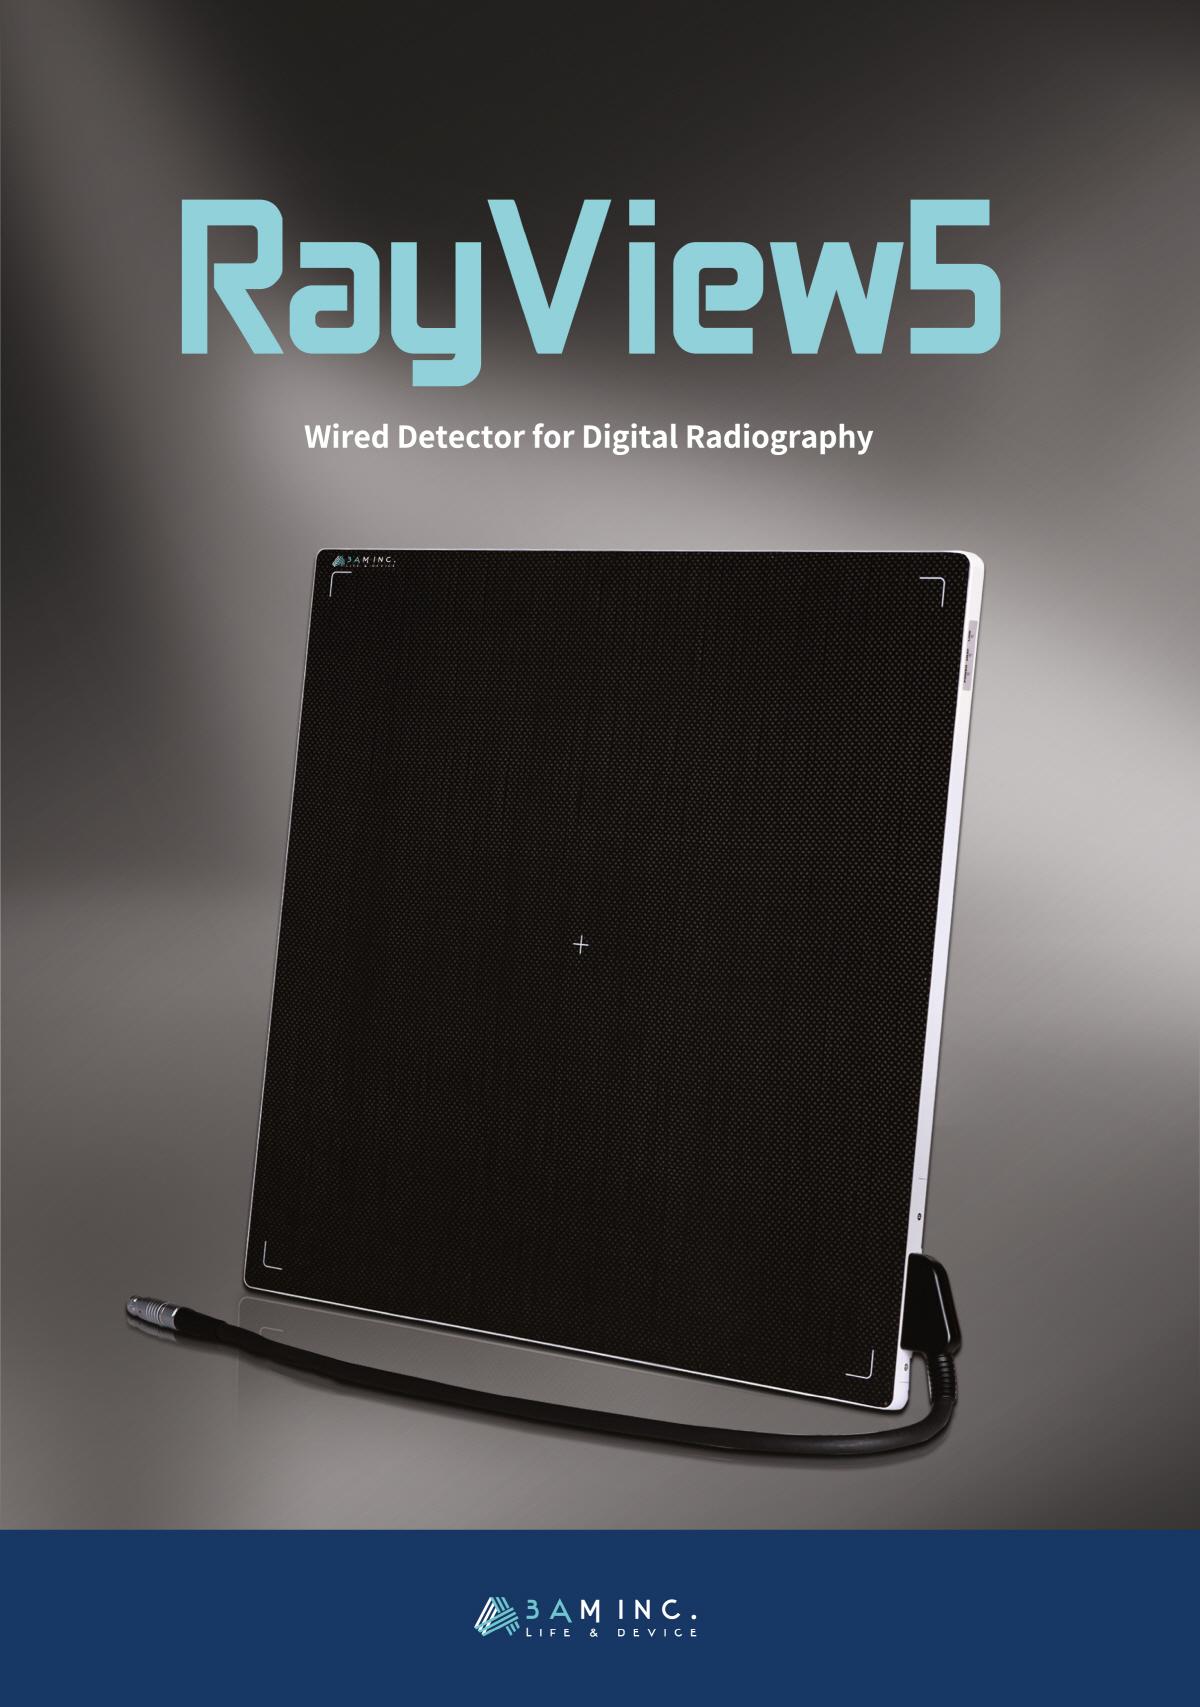 rayview5_1